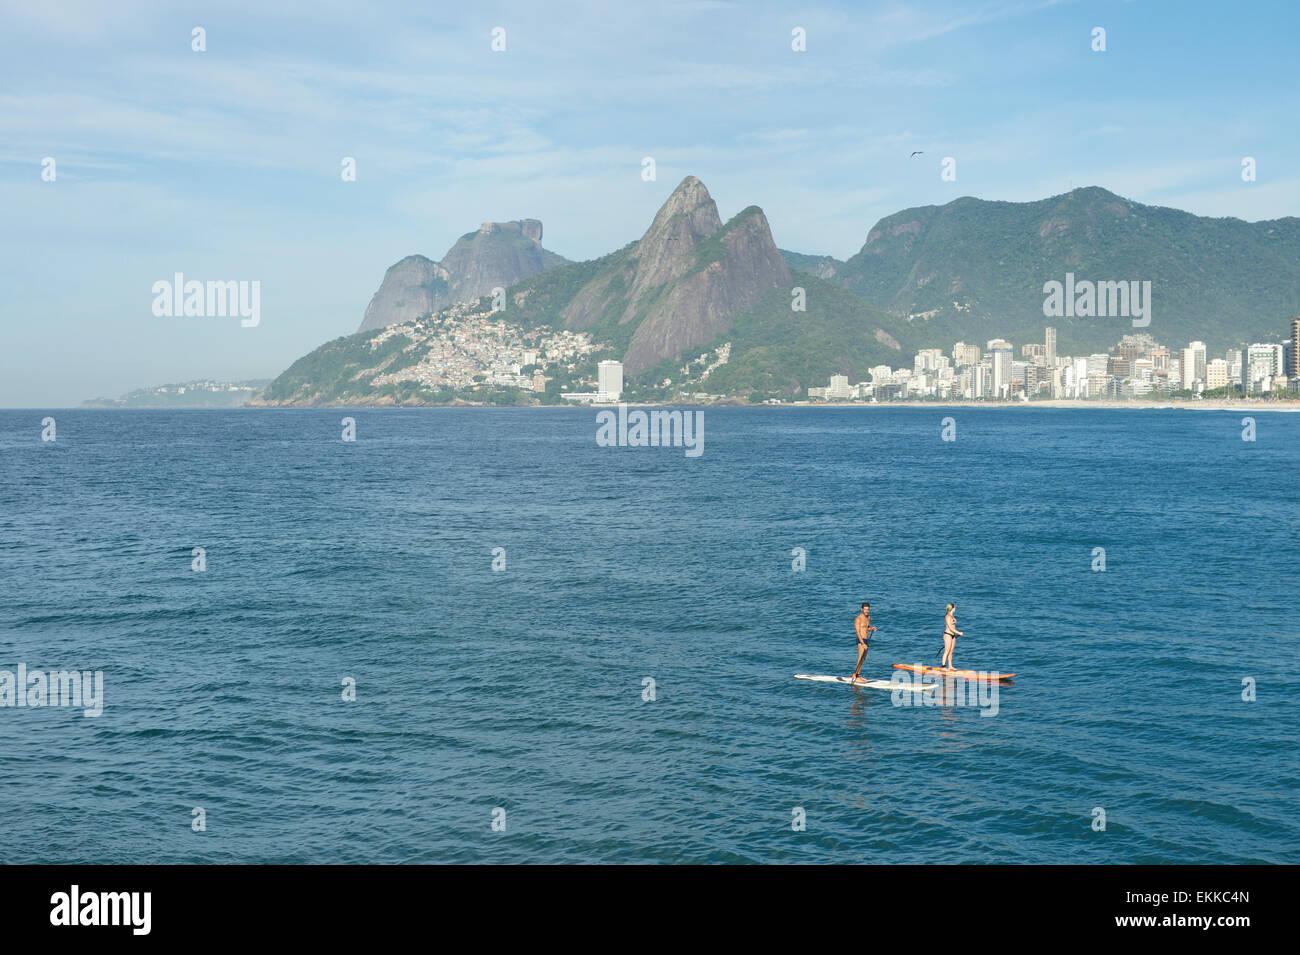 RIO DE JANEIRO, Brasile - 22 Marzo 2015: una coppia di stand up paddle appassionati fanno la loro strada lungo l'acqua Immagini Stock